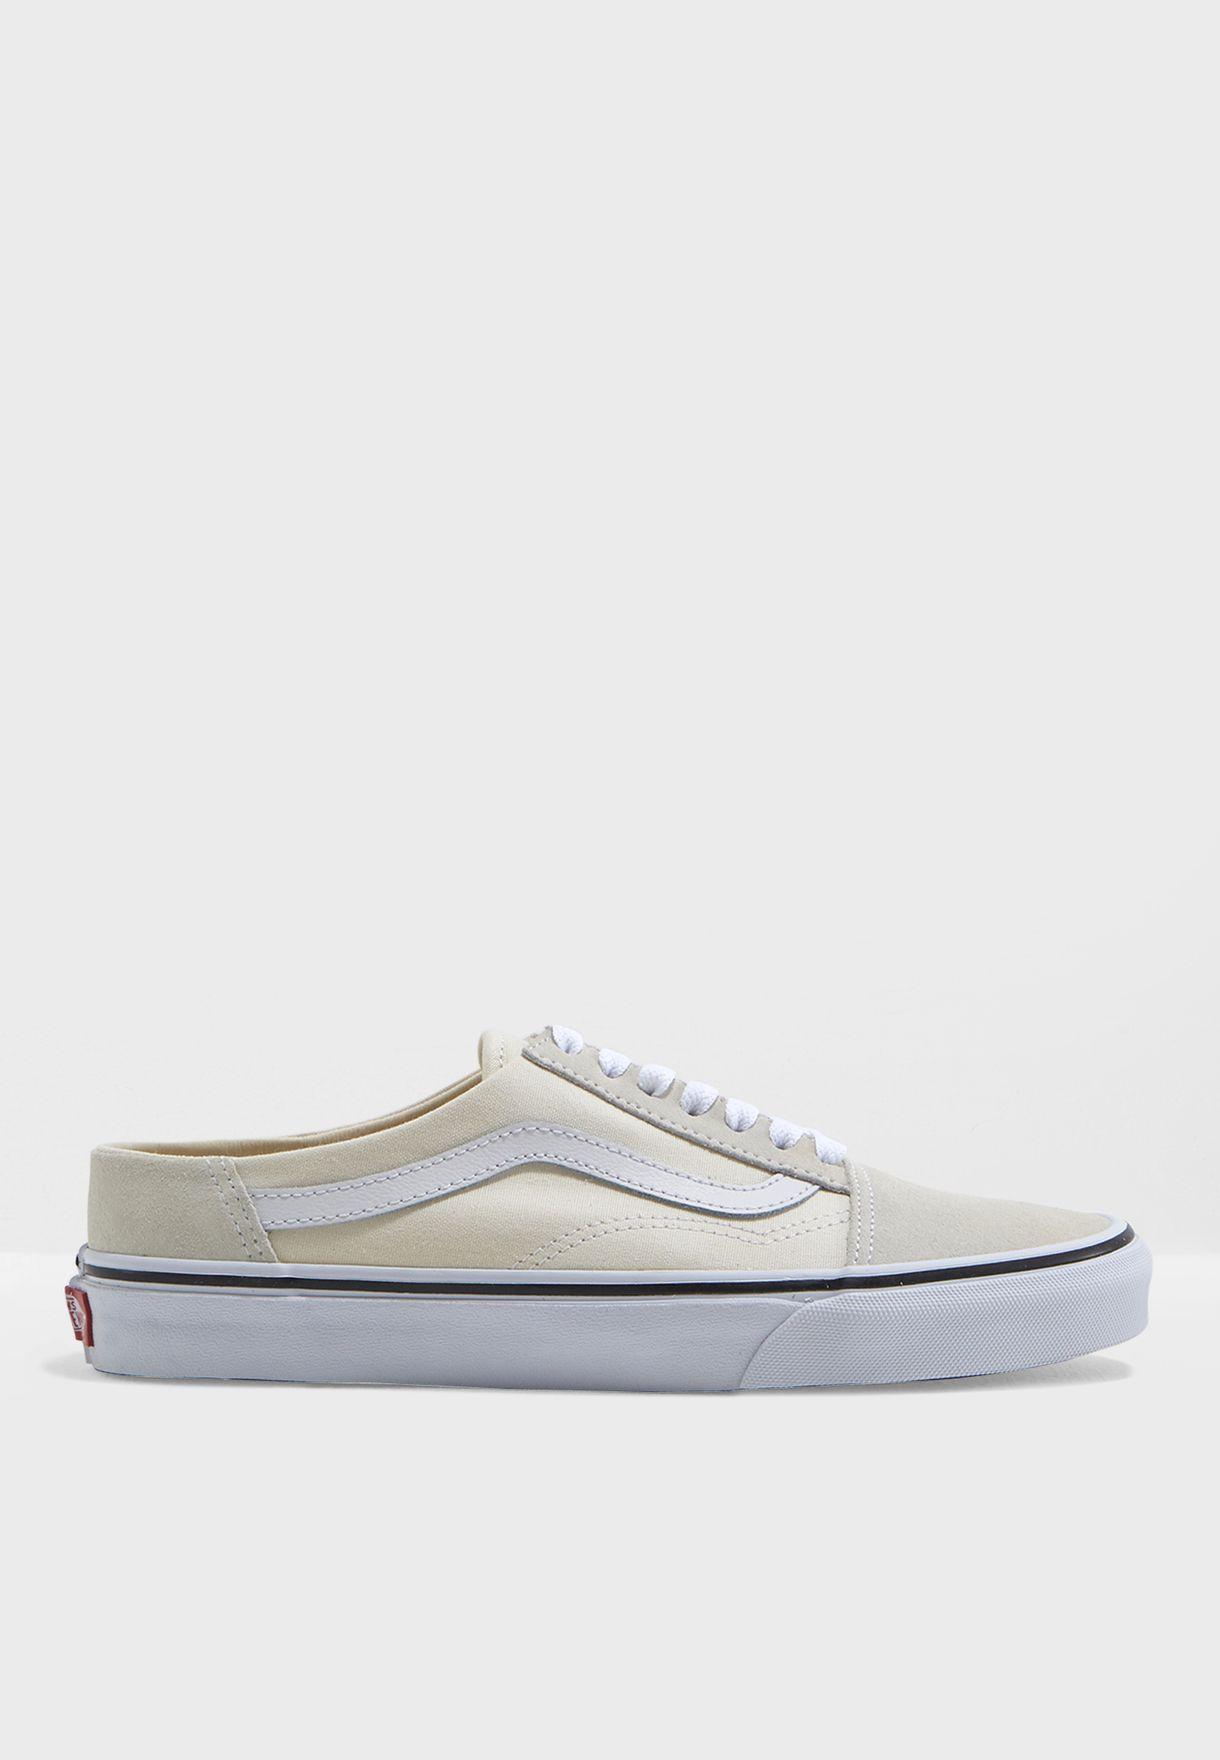 6d0205f2c1 Shop Vans white Old Skool Mule Sneakers MUSFRL for Women in UAE ...